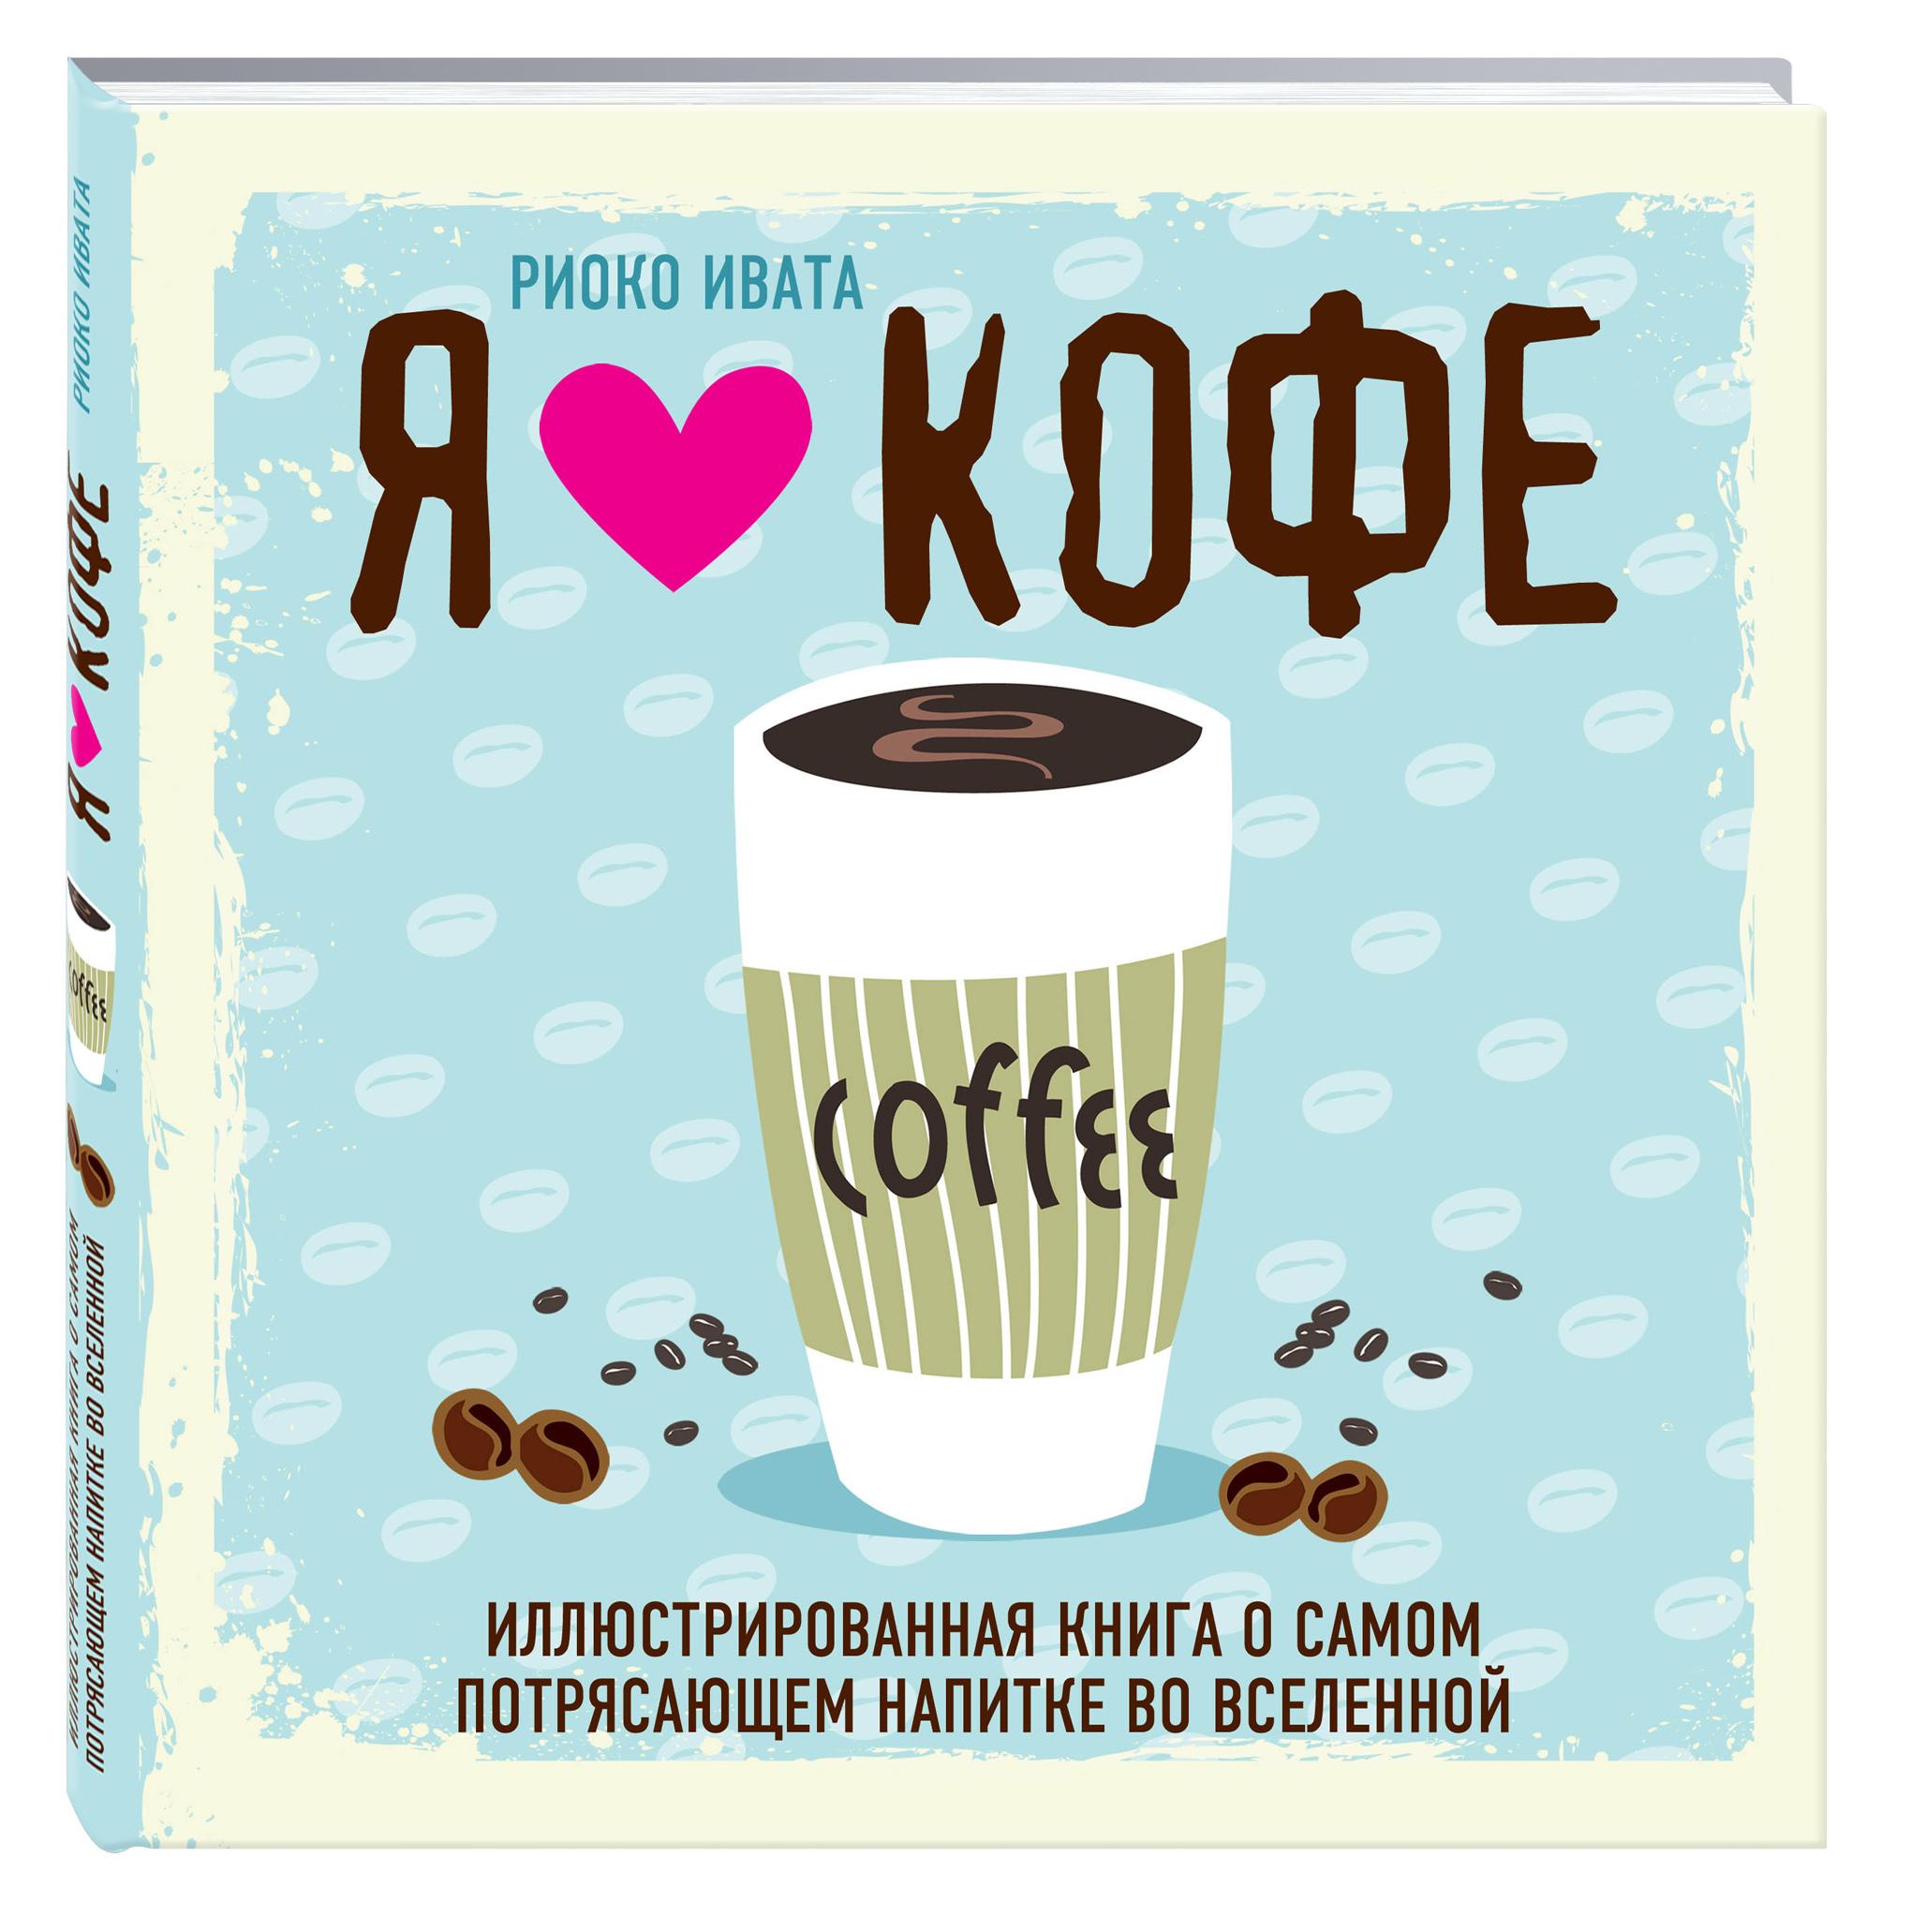 Я люблю кофе! Иллюстрированная книга о самом потрясающем напитке во Вселенной ( Риоко Ивата  )